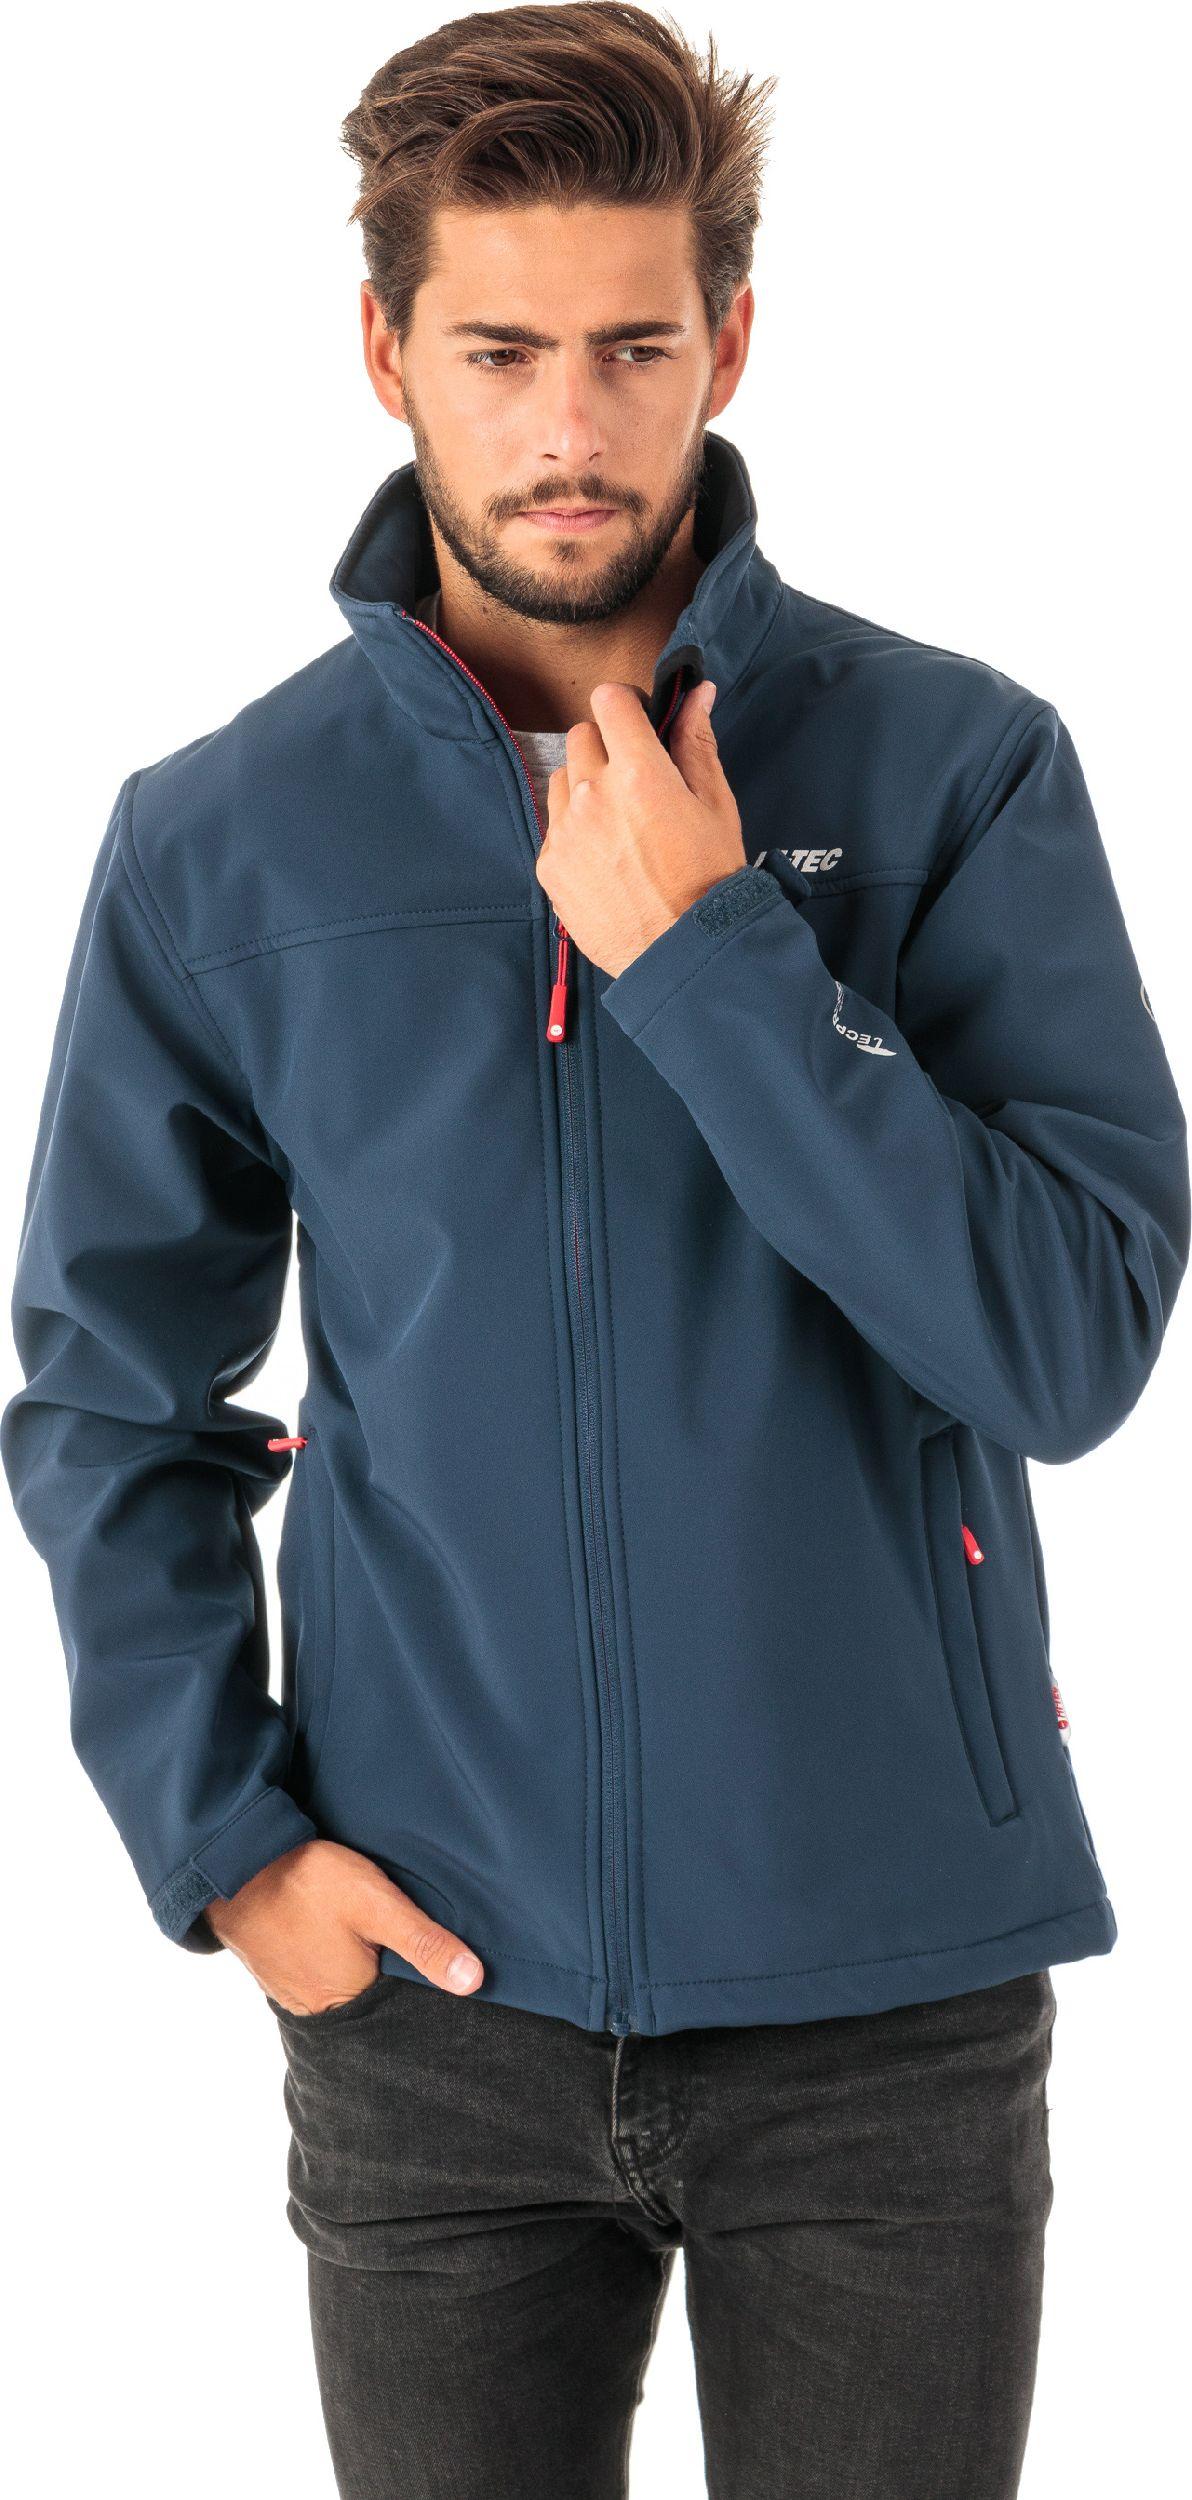 Hi-tec Men's jacket LINGEN Navy / Orange Red s. M